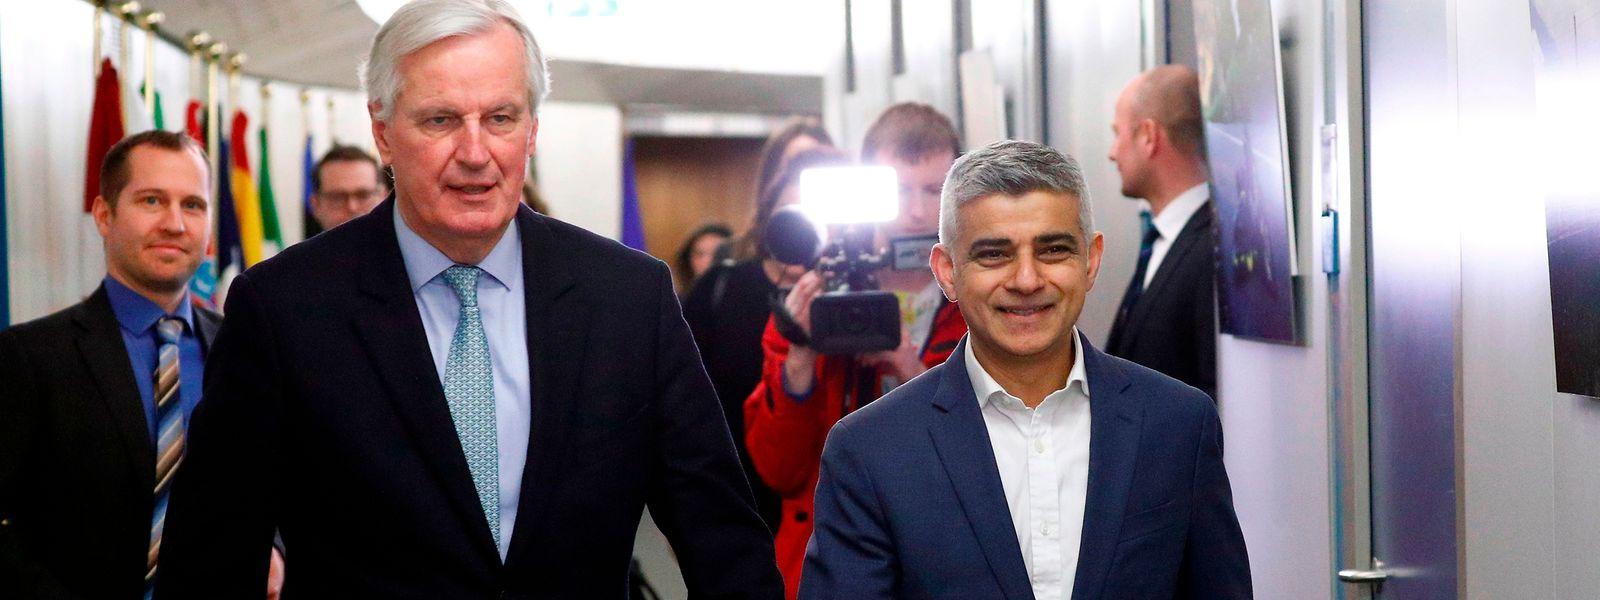 Le mandat de négociateur de Michel Barnier (à g.) a été clarifié sur tous les points où c'était nécessaire